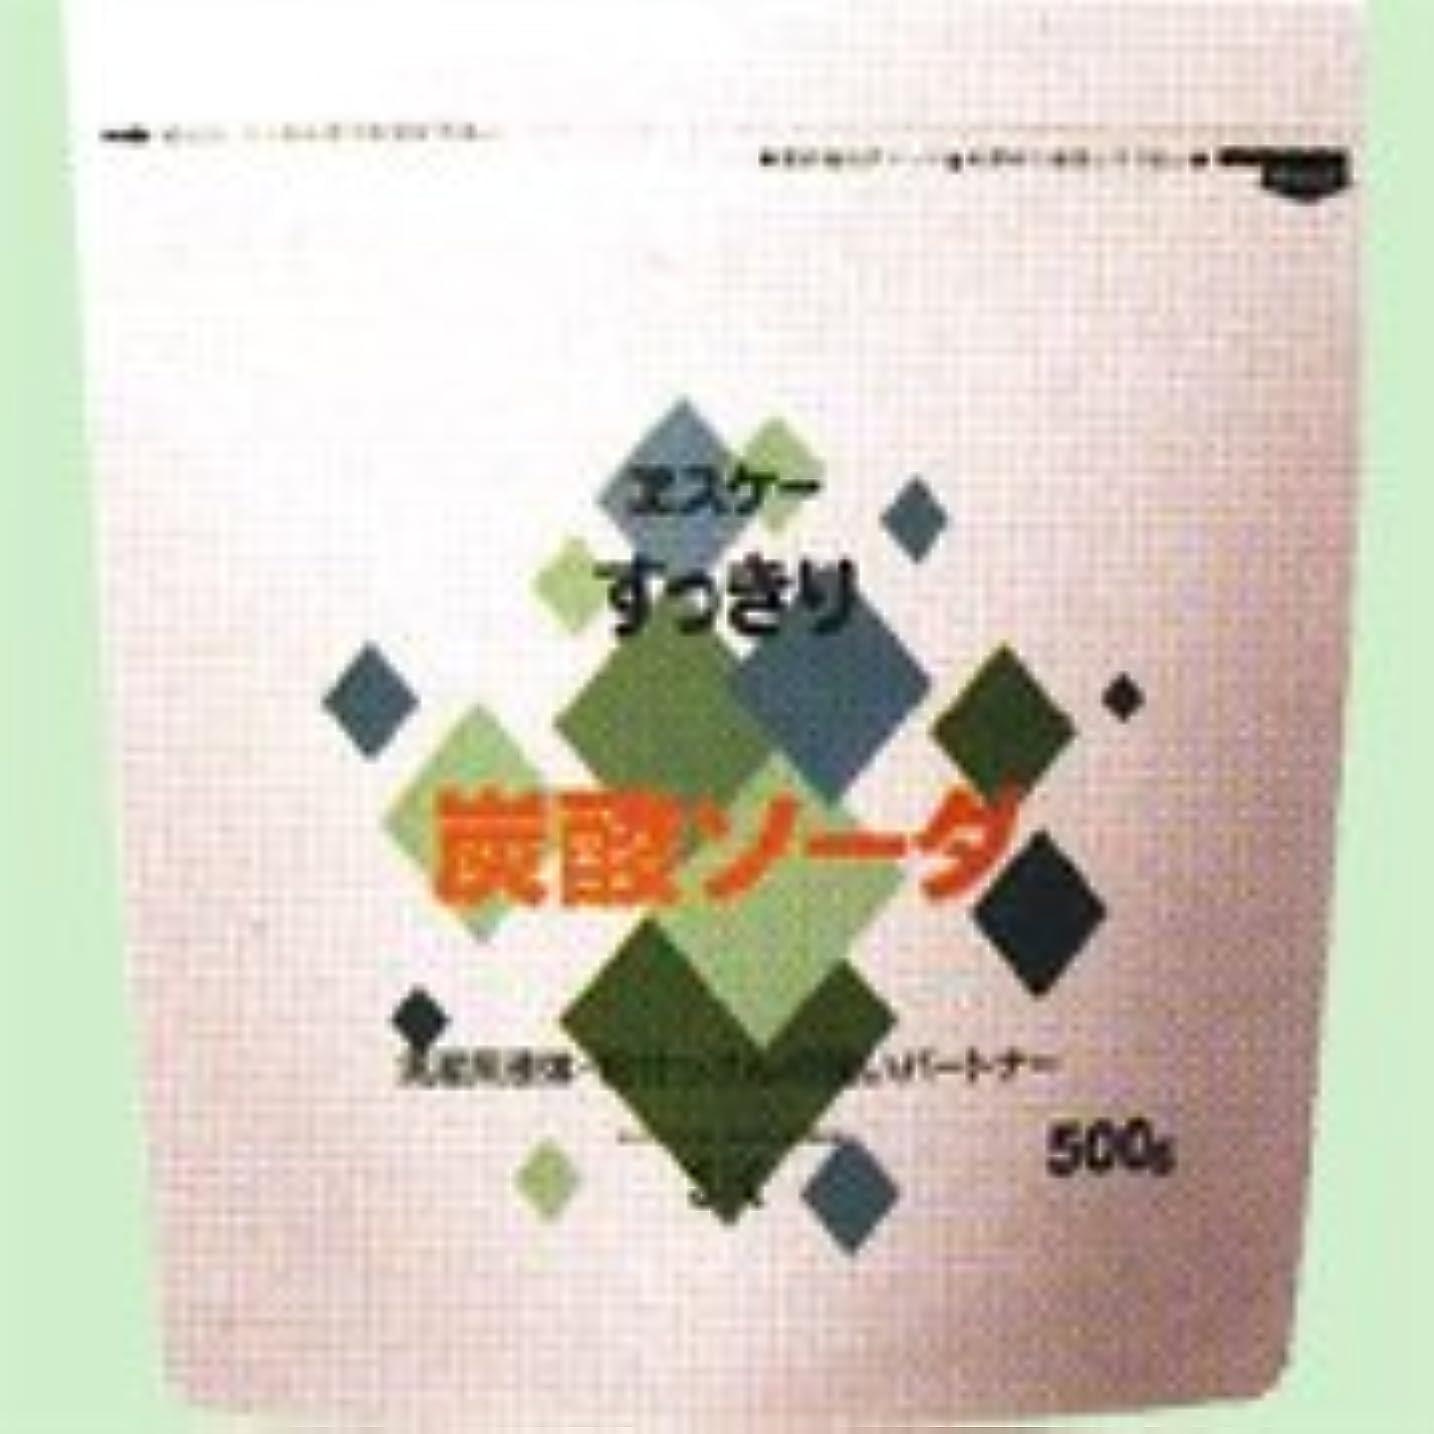 支出コミュニケーションソフィーすっきり炭酸ソーダ 500g   エスケー石鹸